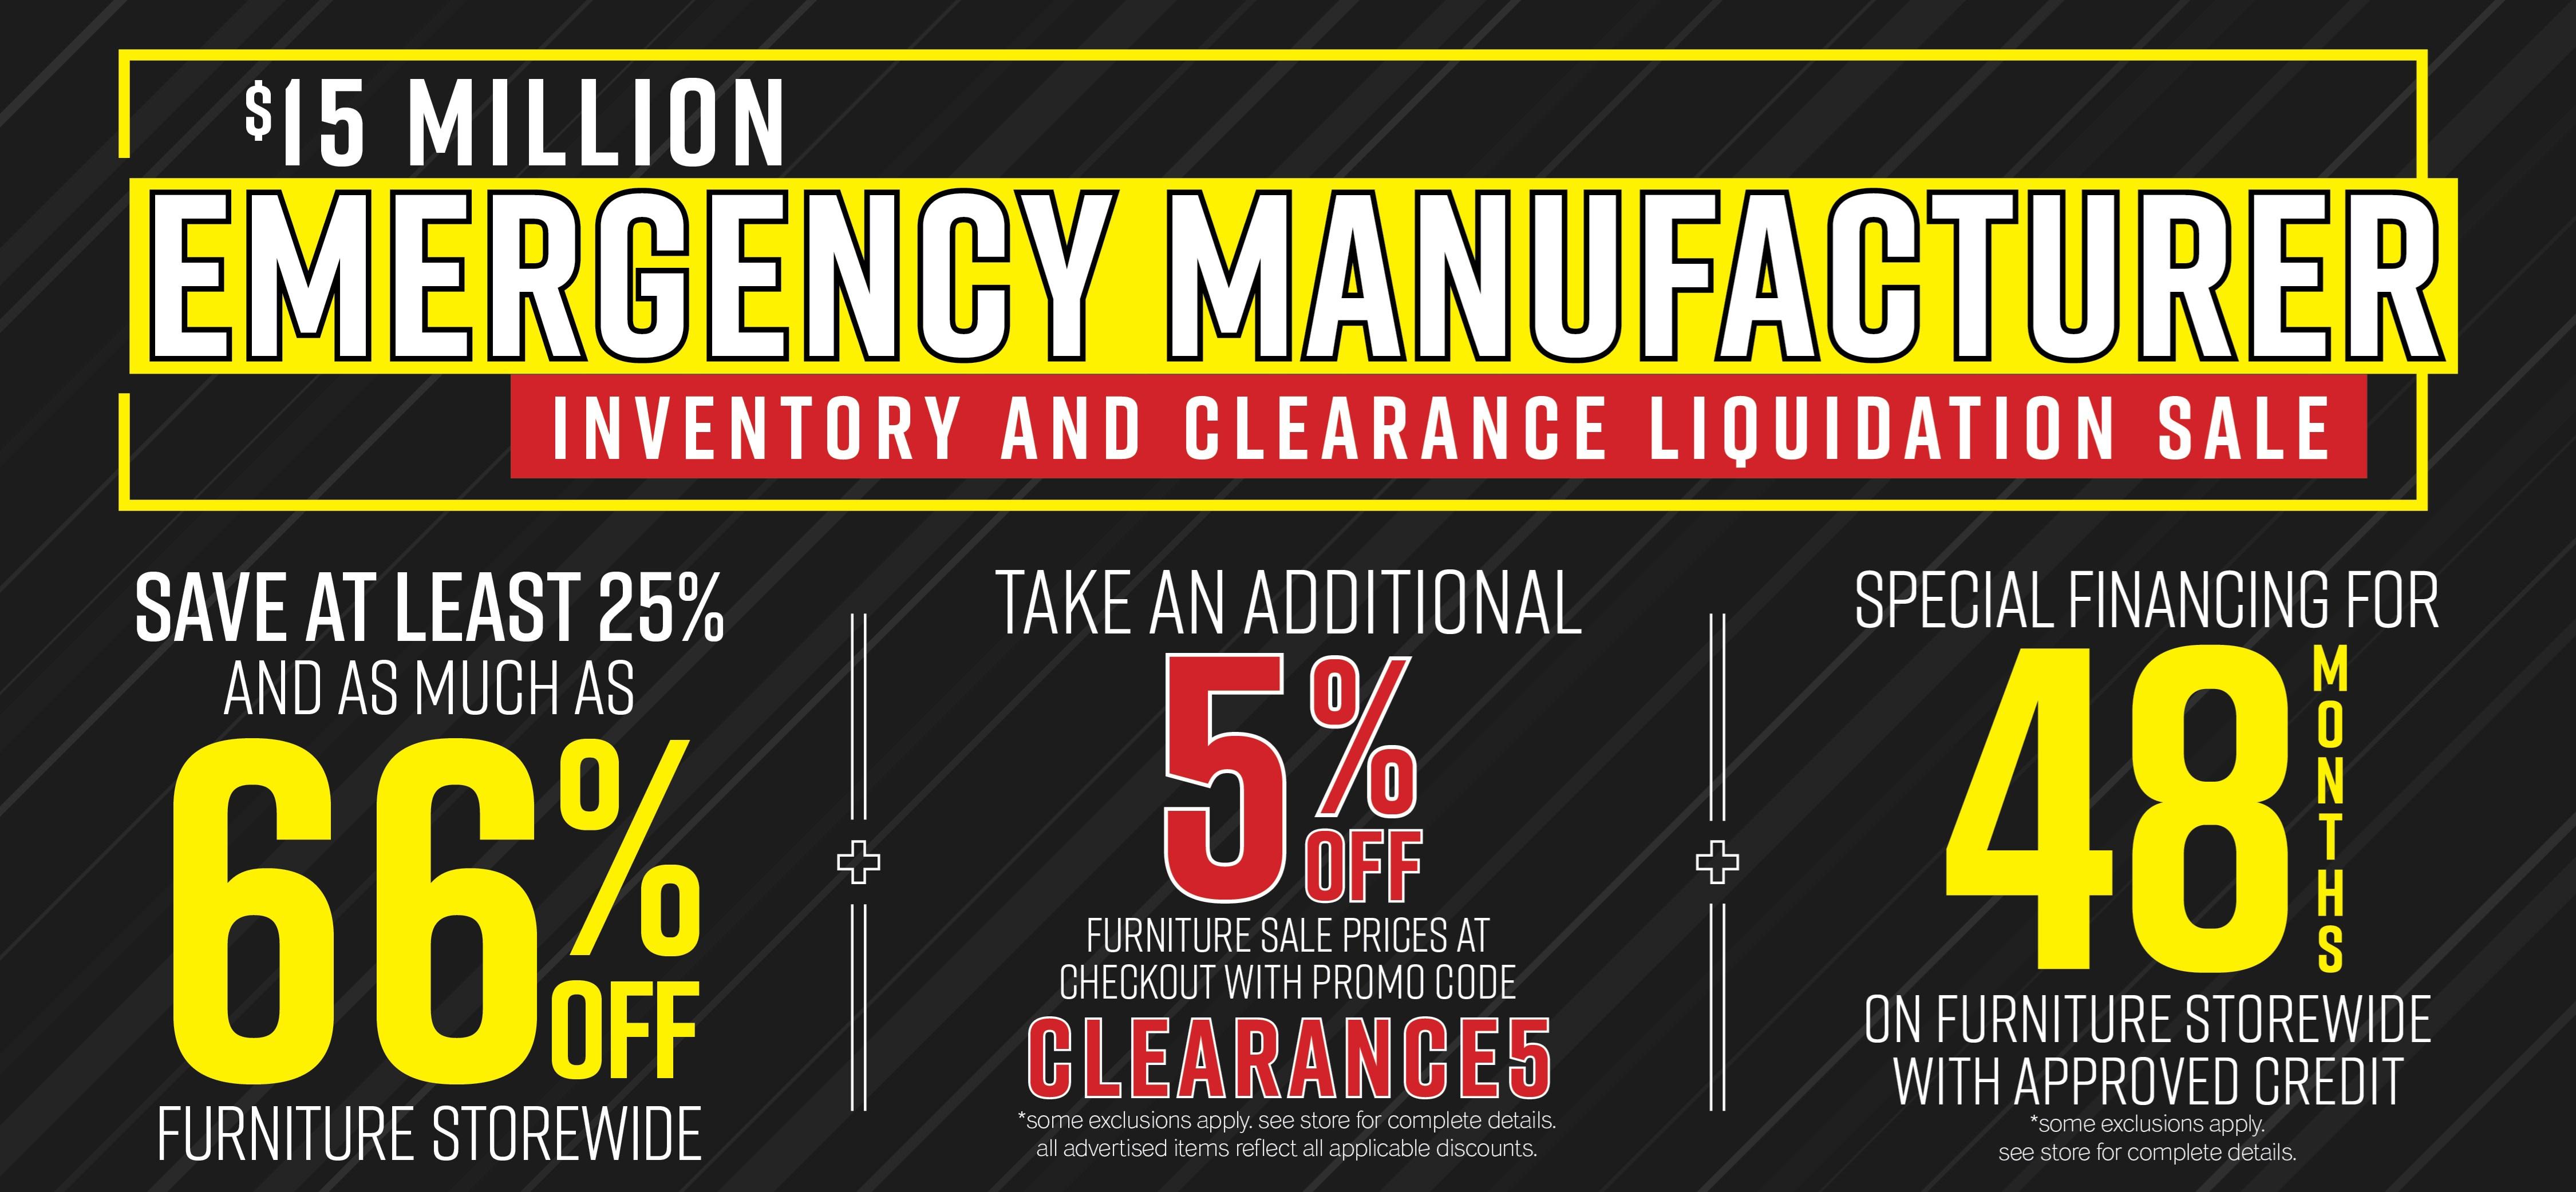 Furniture & ApplianceMart Emergency Manufacturer Liquidation Sale